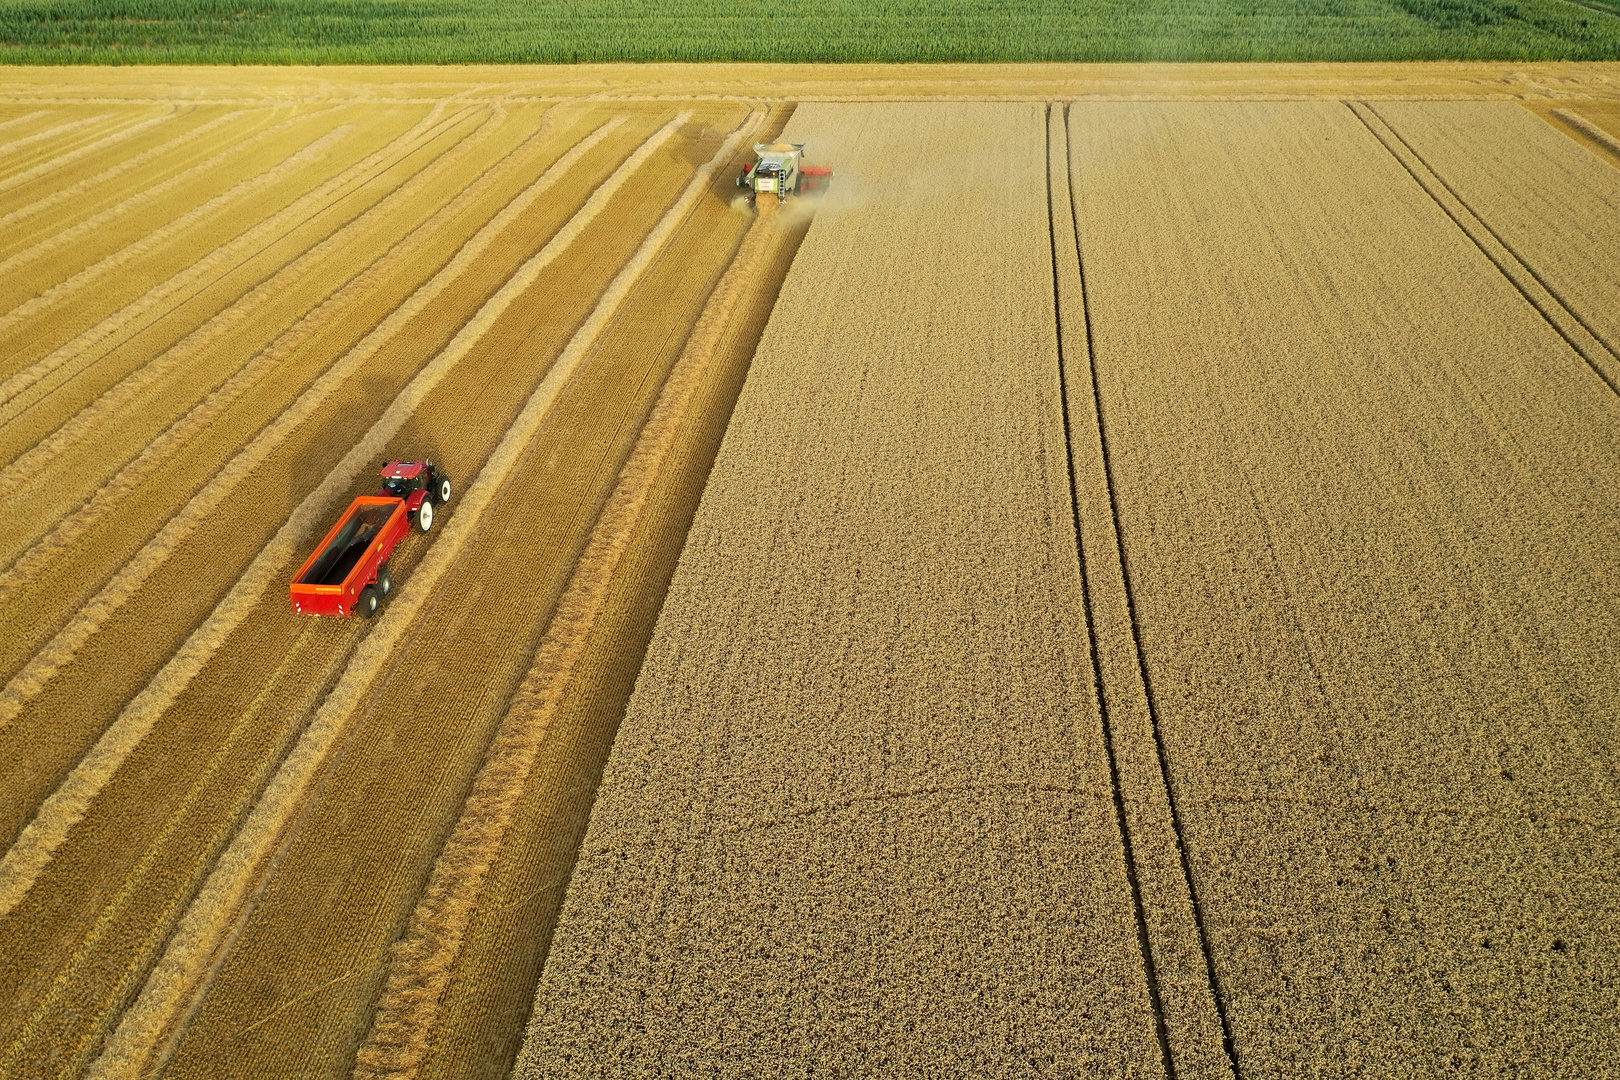 روسيا.. رقم قياسي جديد لمحصول الحبوب